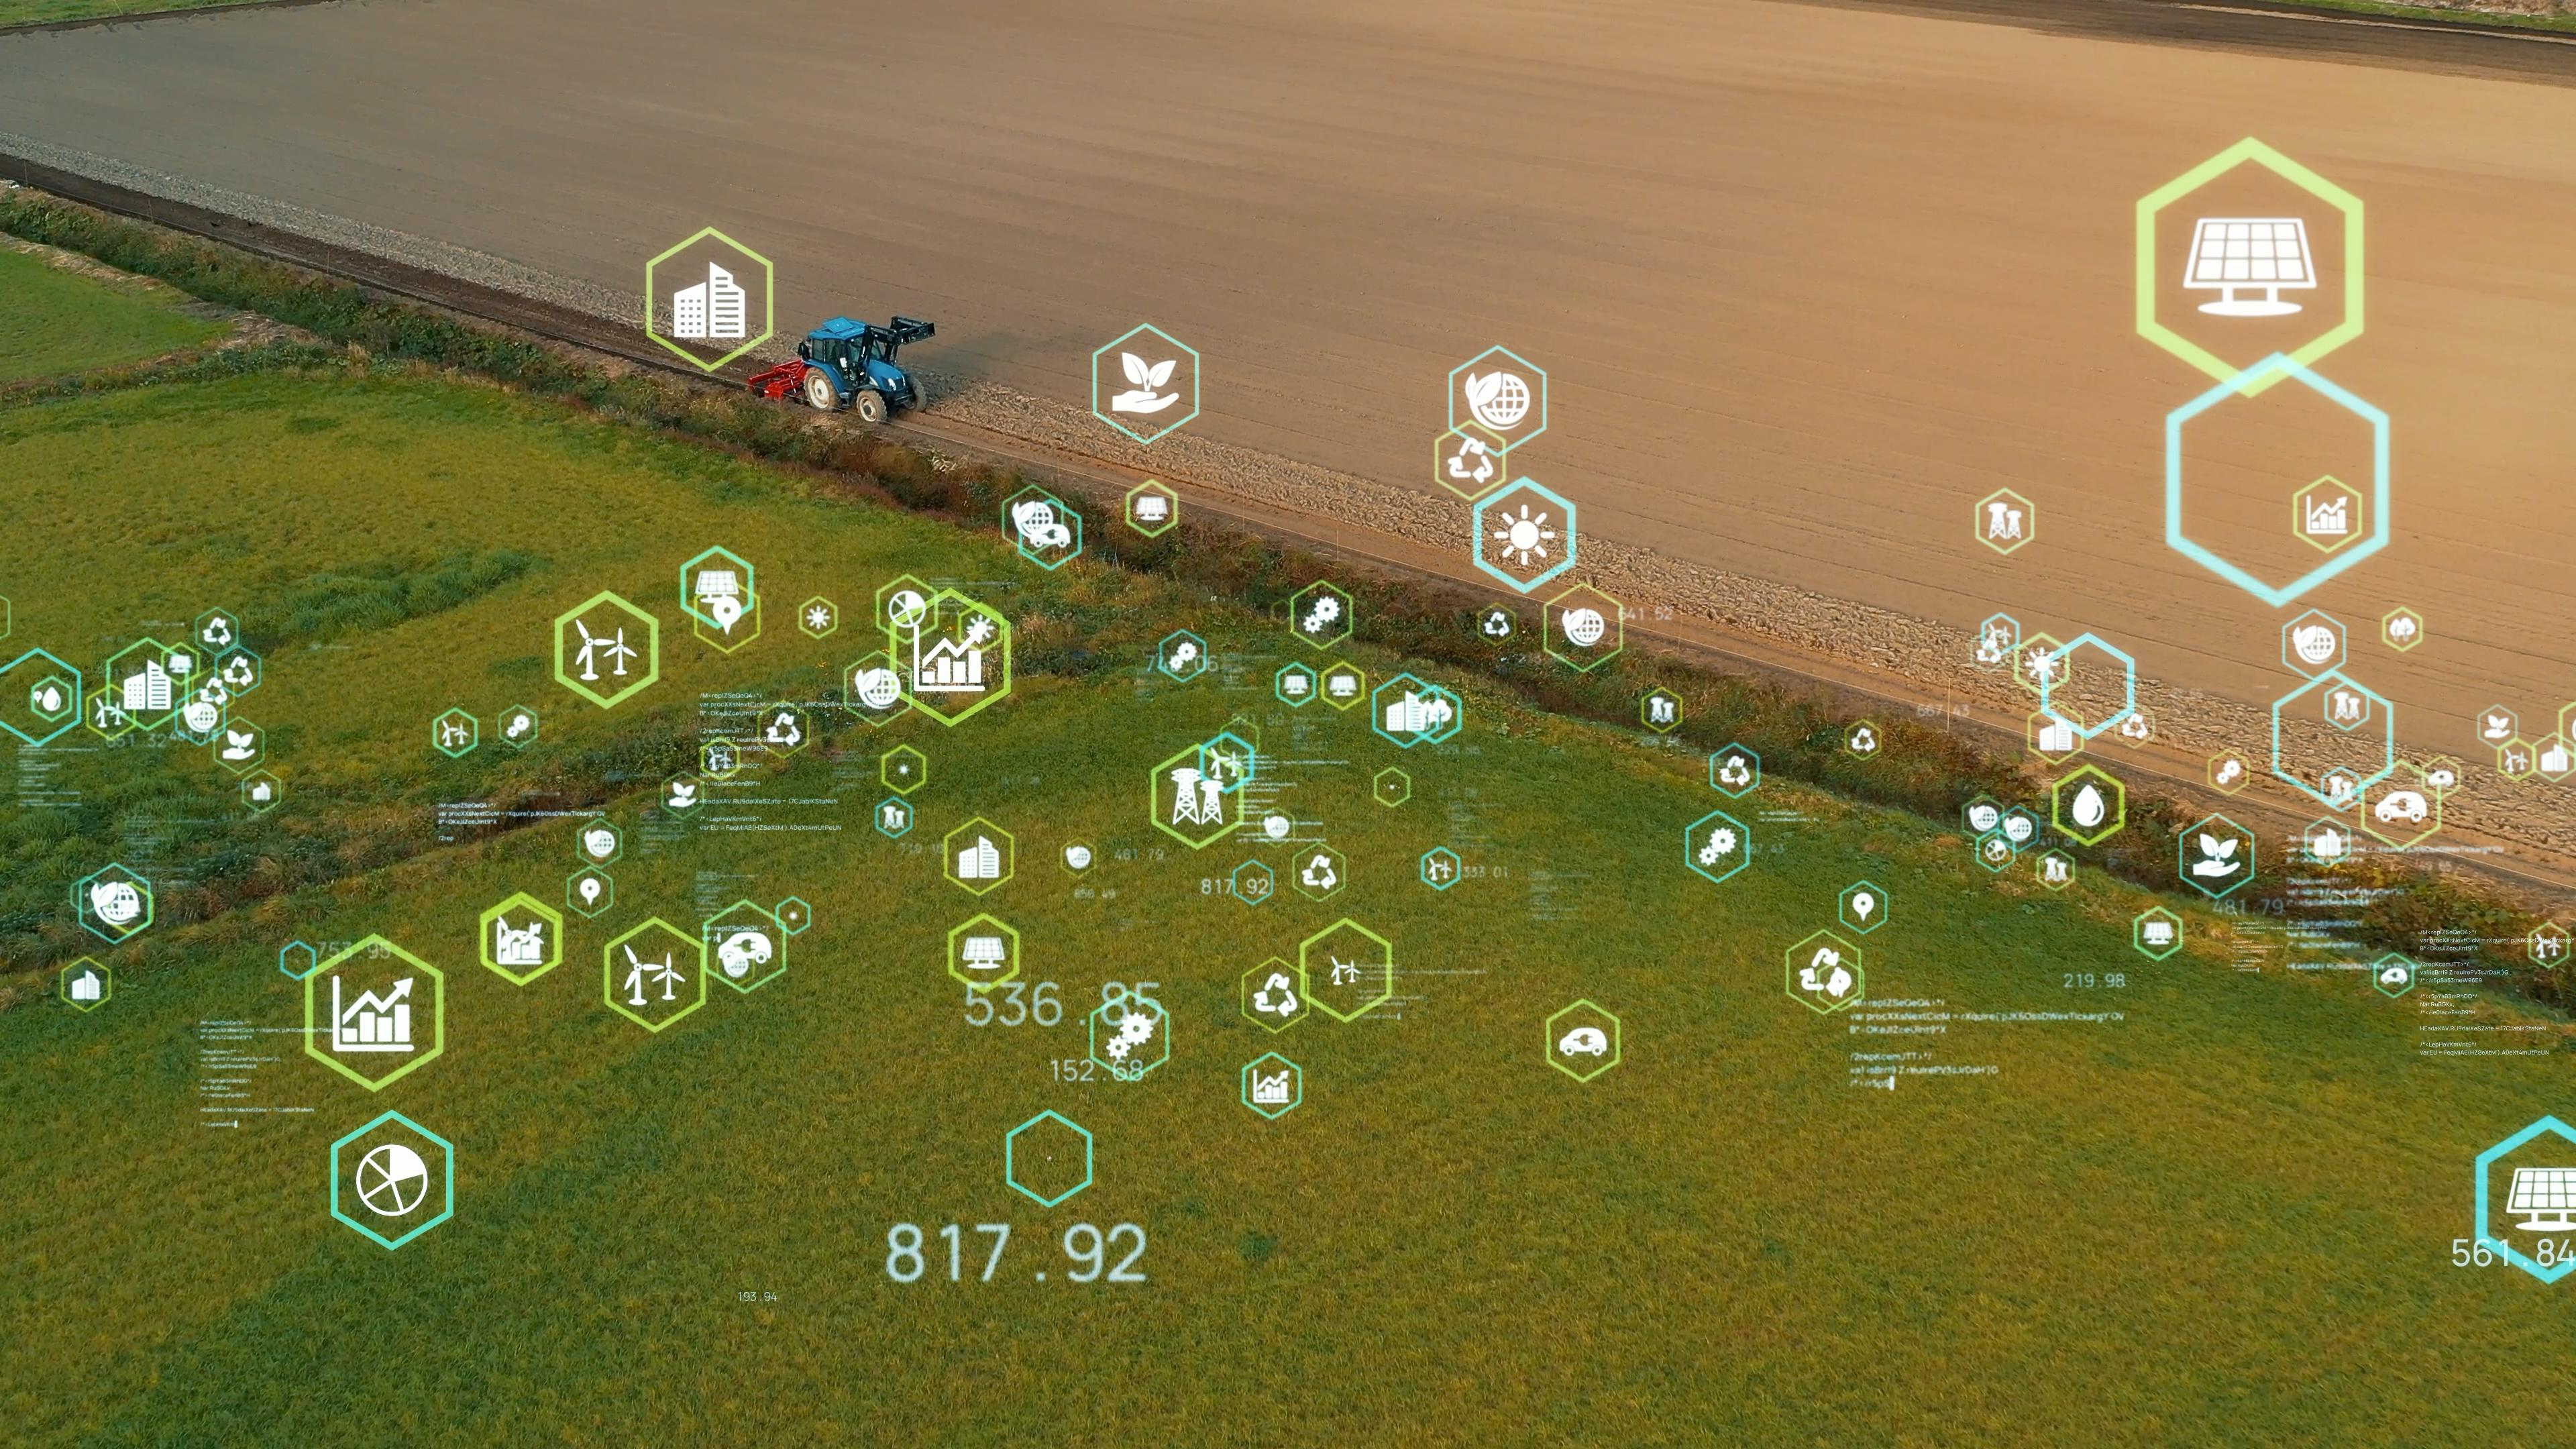 Digital farming